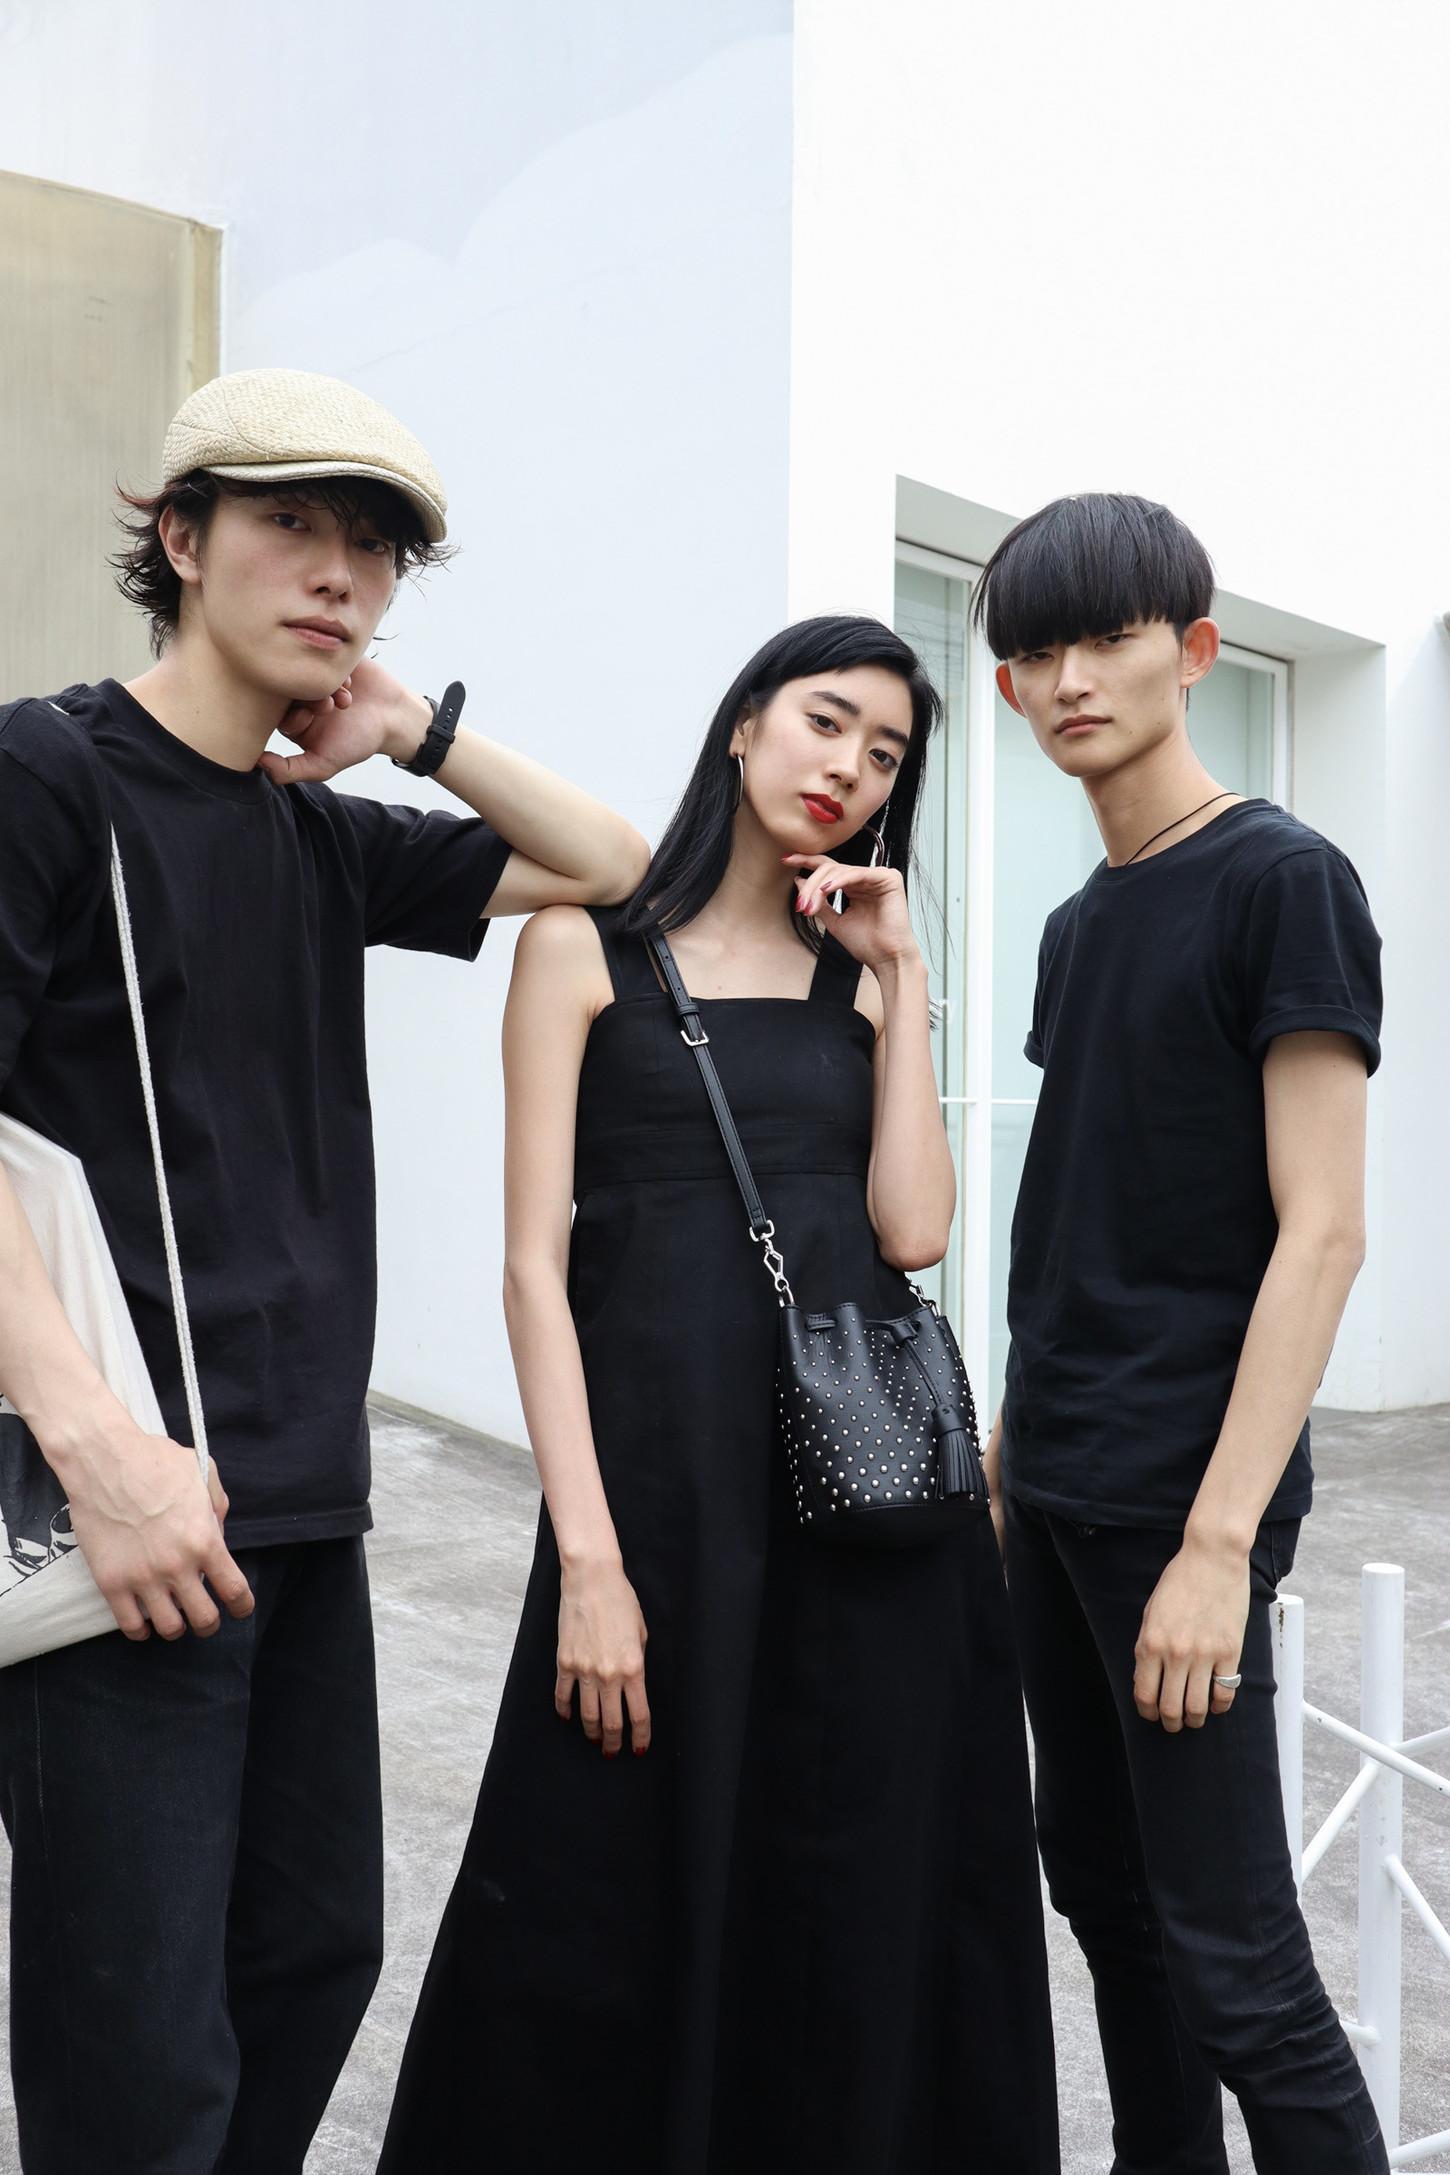 浅利 琳太郎 / 晶 / 山田 大地